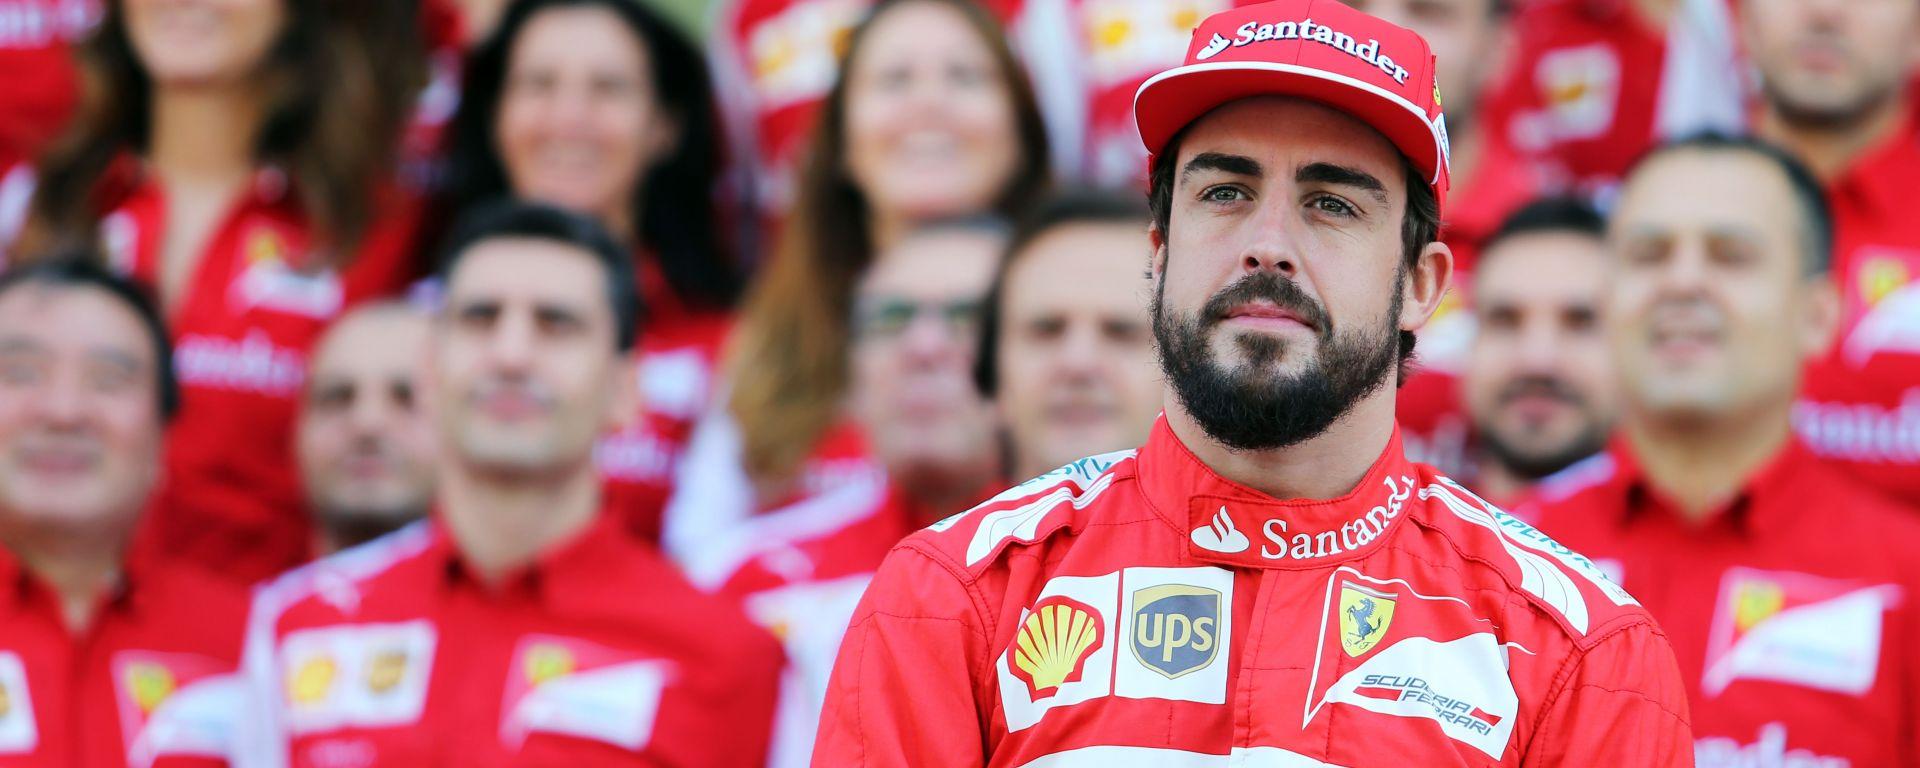 F1, GP Abu Dhabi 2014: Fernando Alonso (Ferrari)